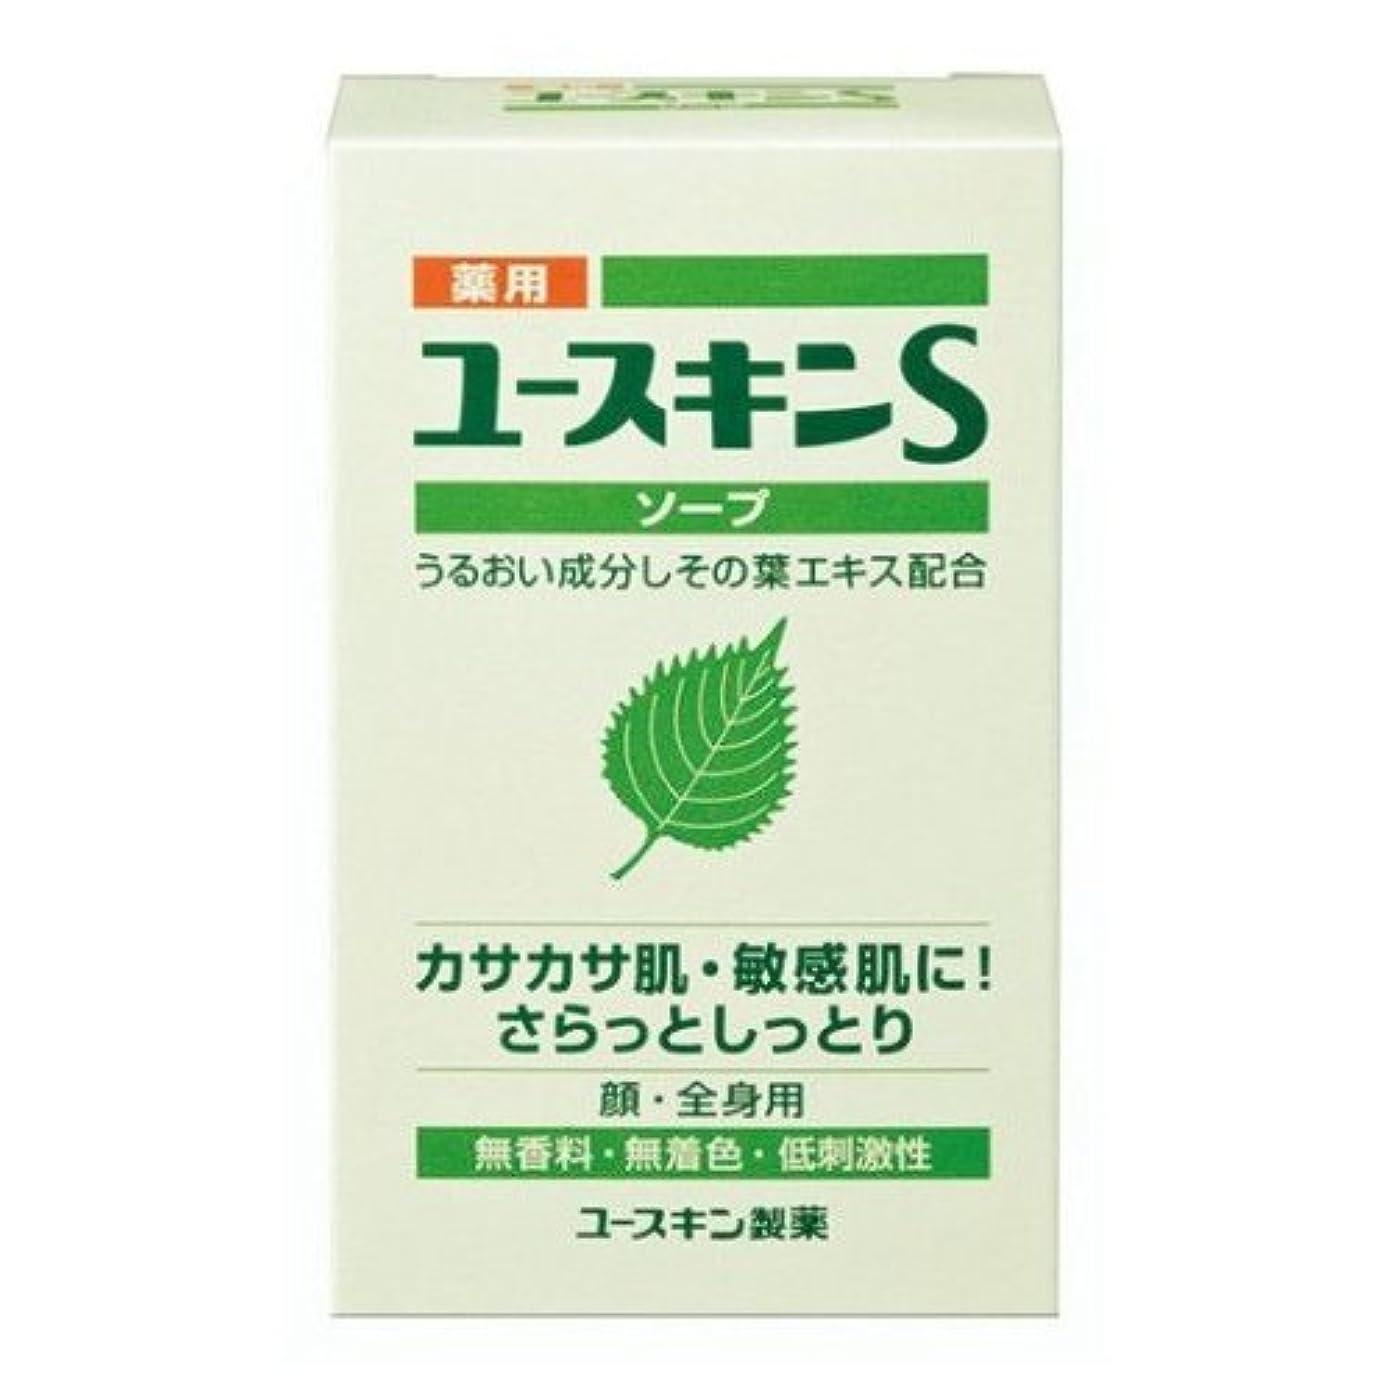 大学院学部孤独なユースキン製薬 薬用ユースキンSソープ 90g(医薬部外品)